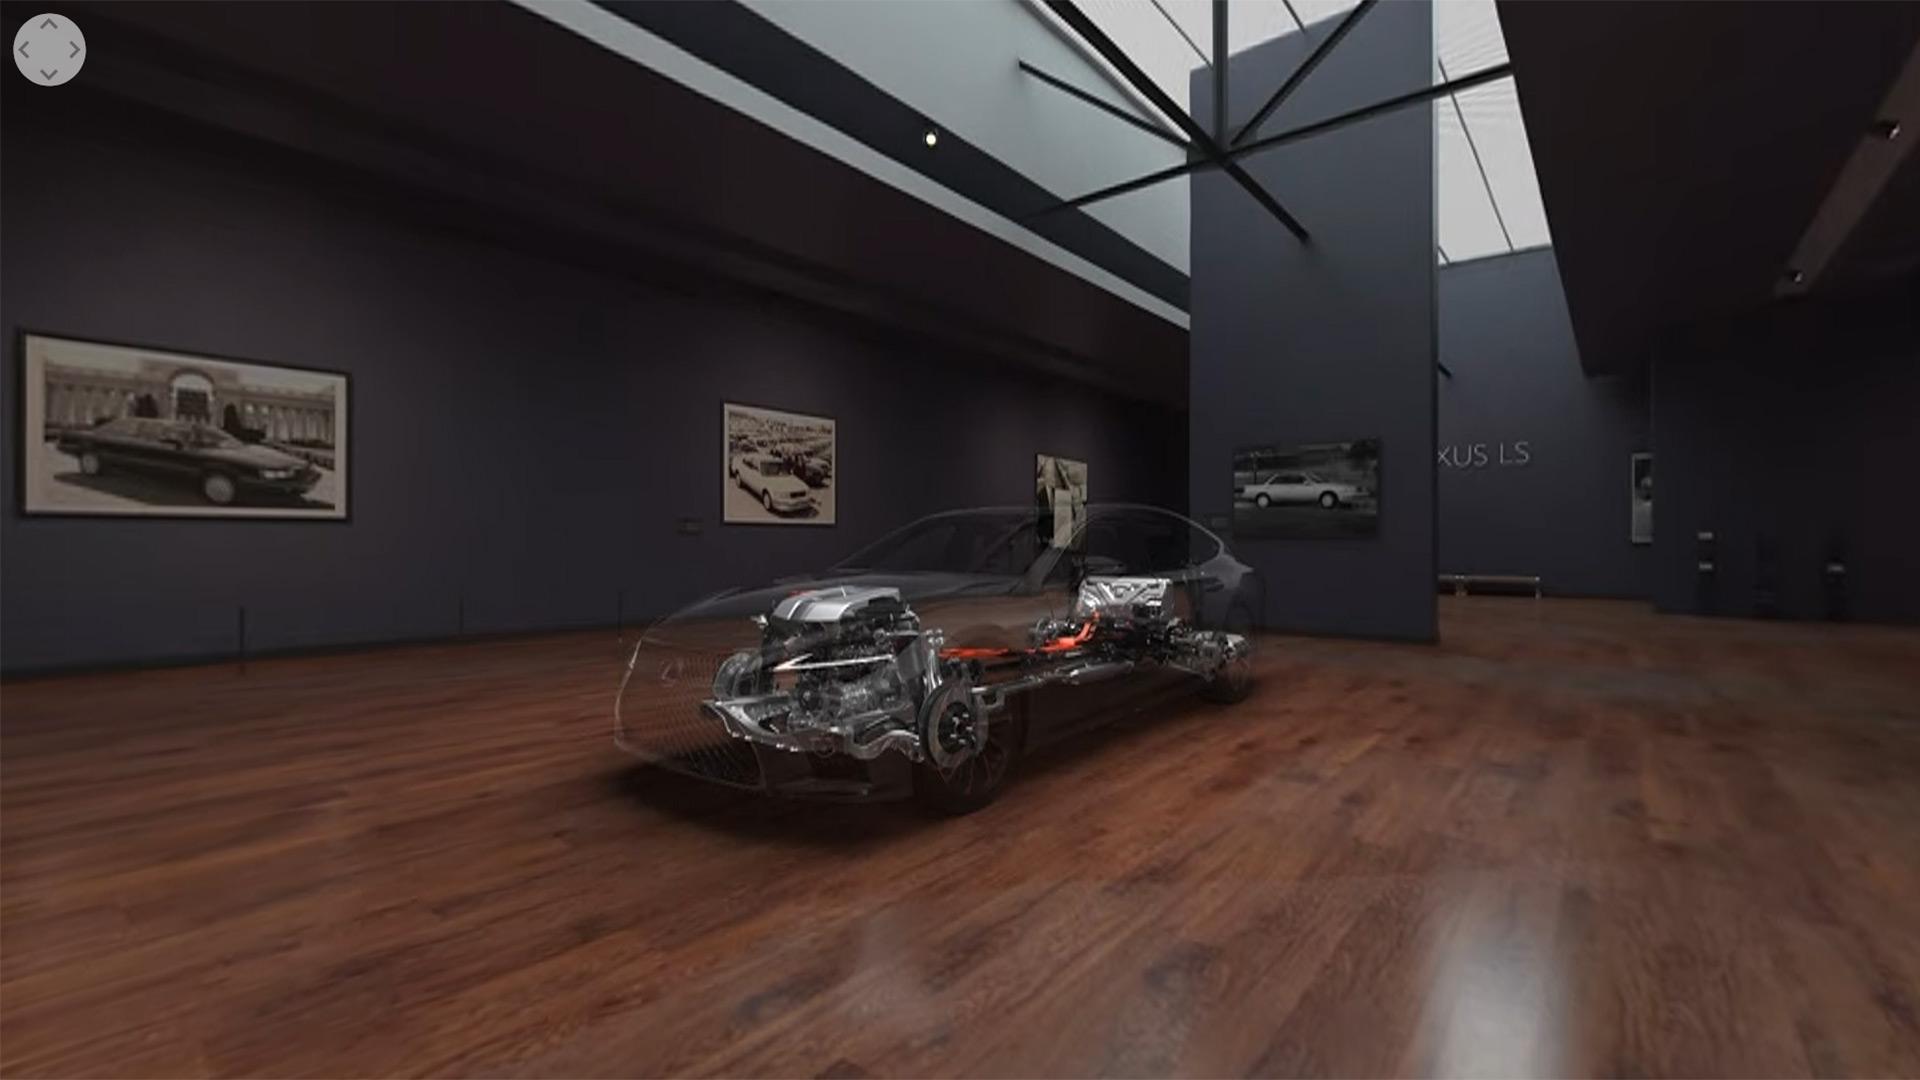 2020 042 Deze video over de Lexus LS moet je zien hero